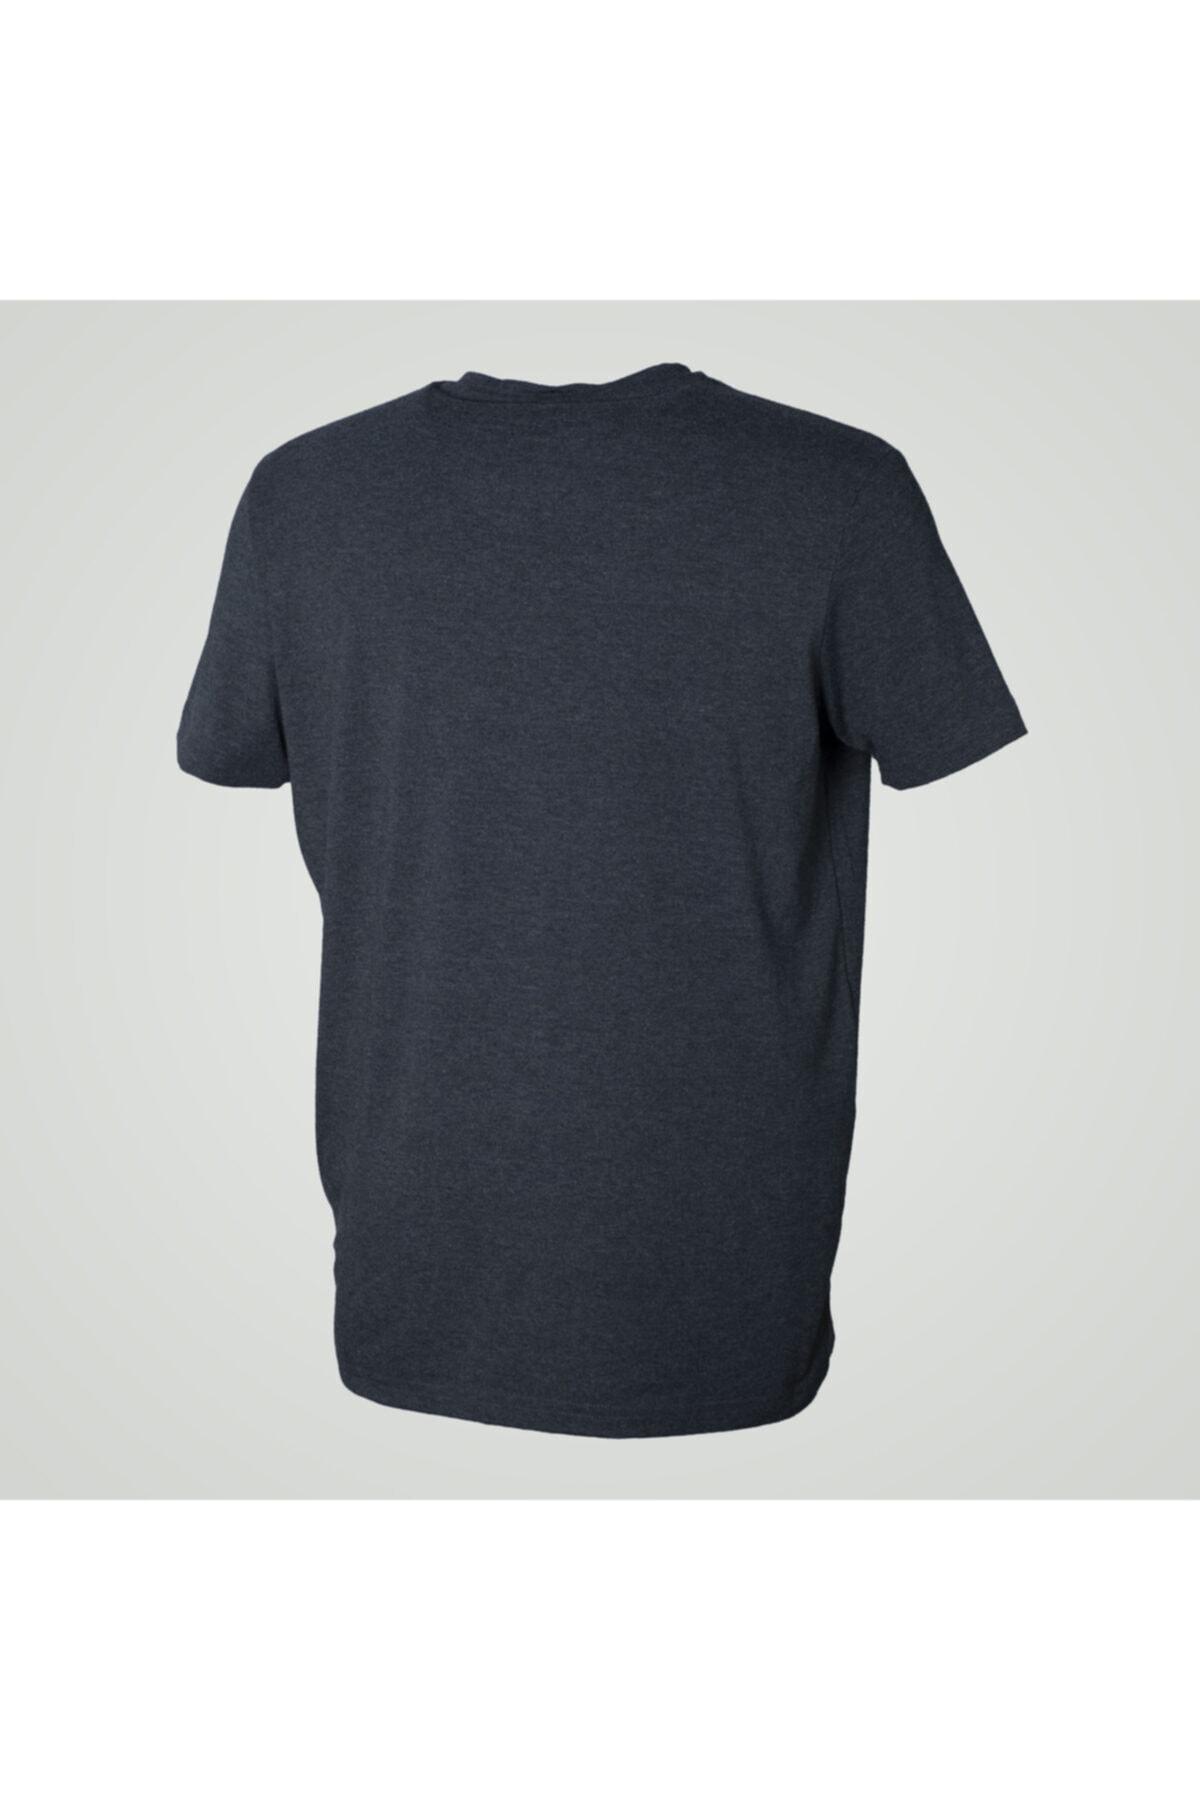 Exuma Baskılı Erkek Tişört 2